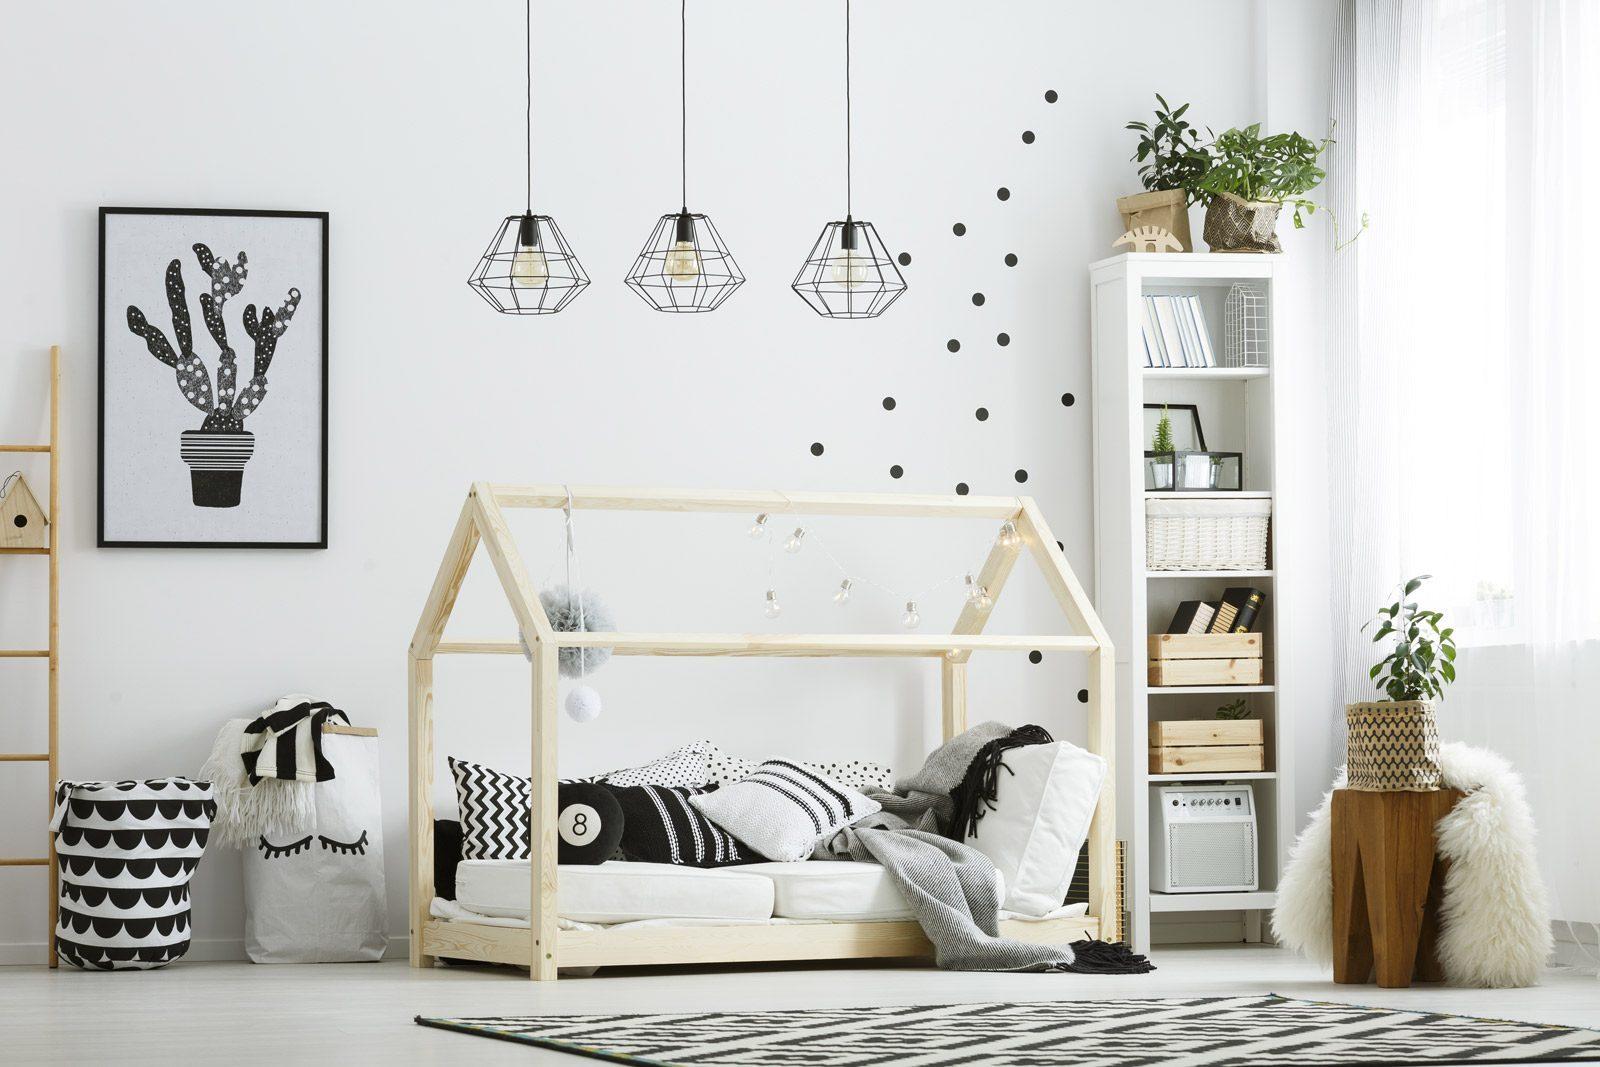 Letto Per Bambini Montessori : Cameretta montessori mesi mamme bimbi montessori la